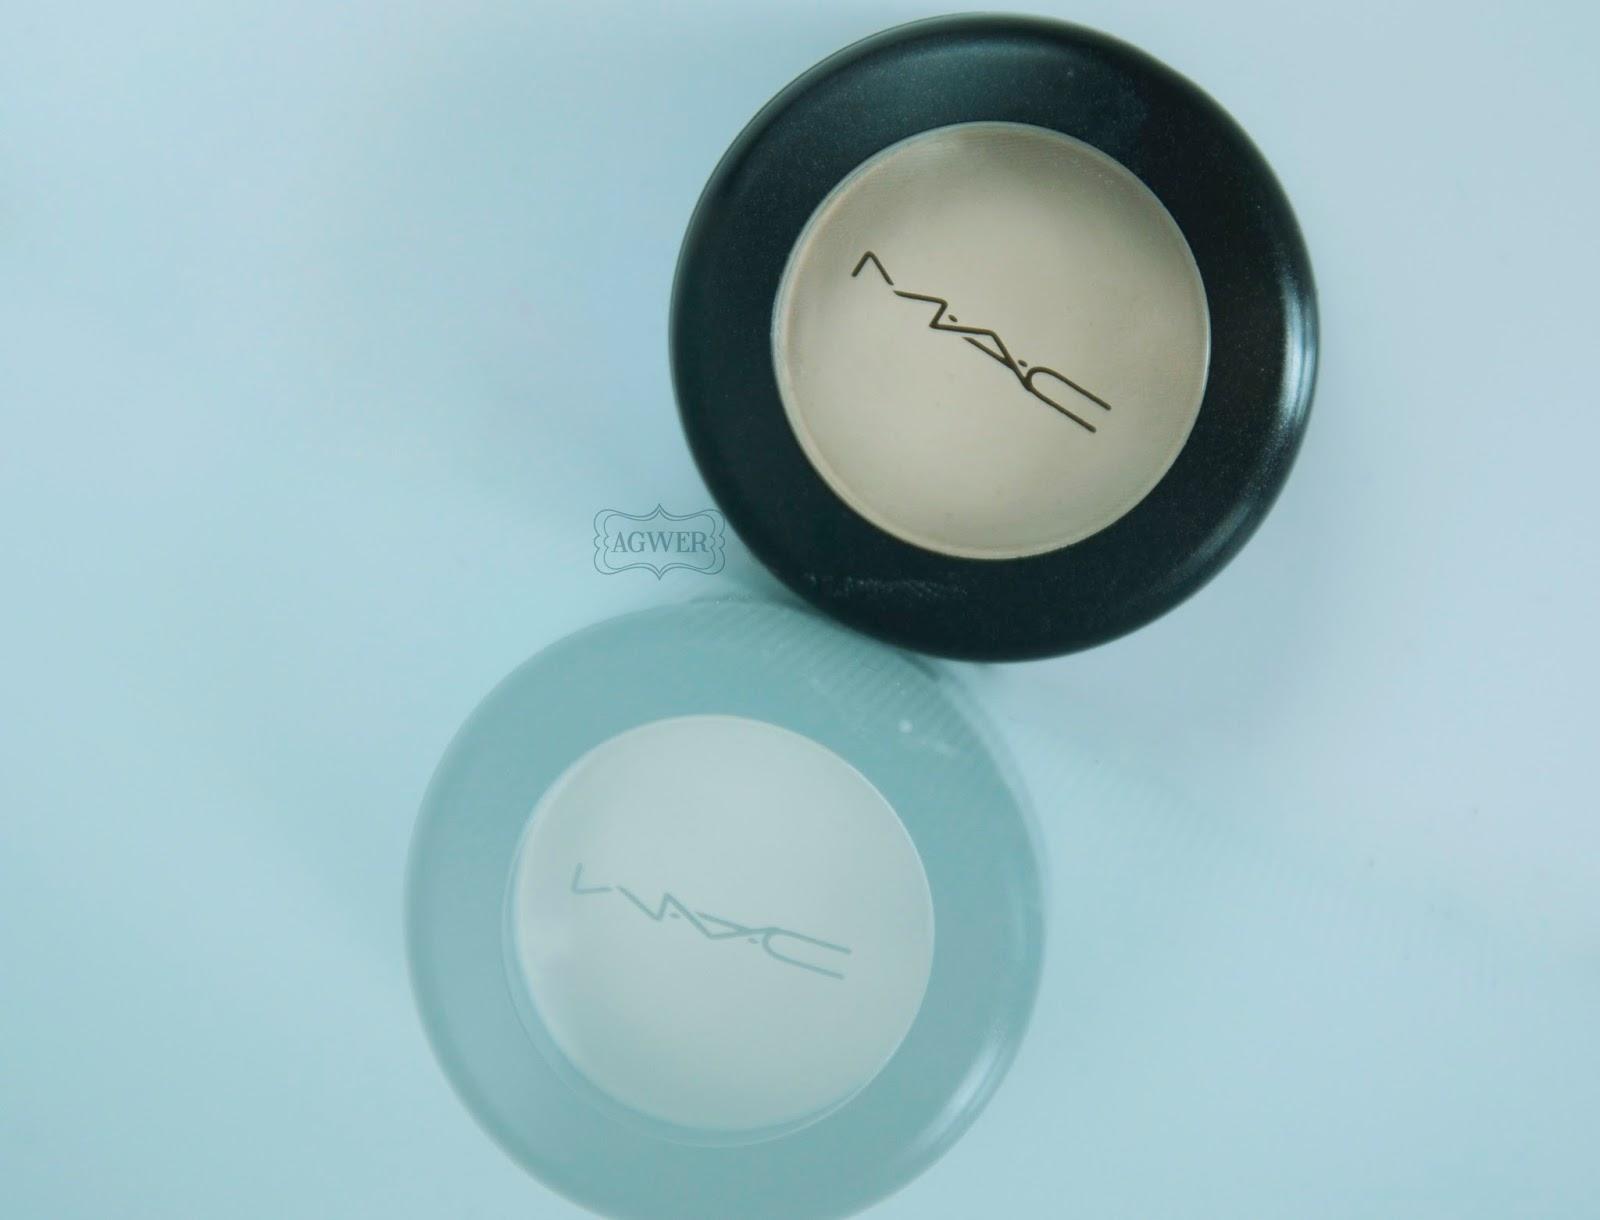 # MAC eyeshadow: Vanilla